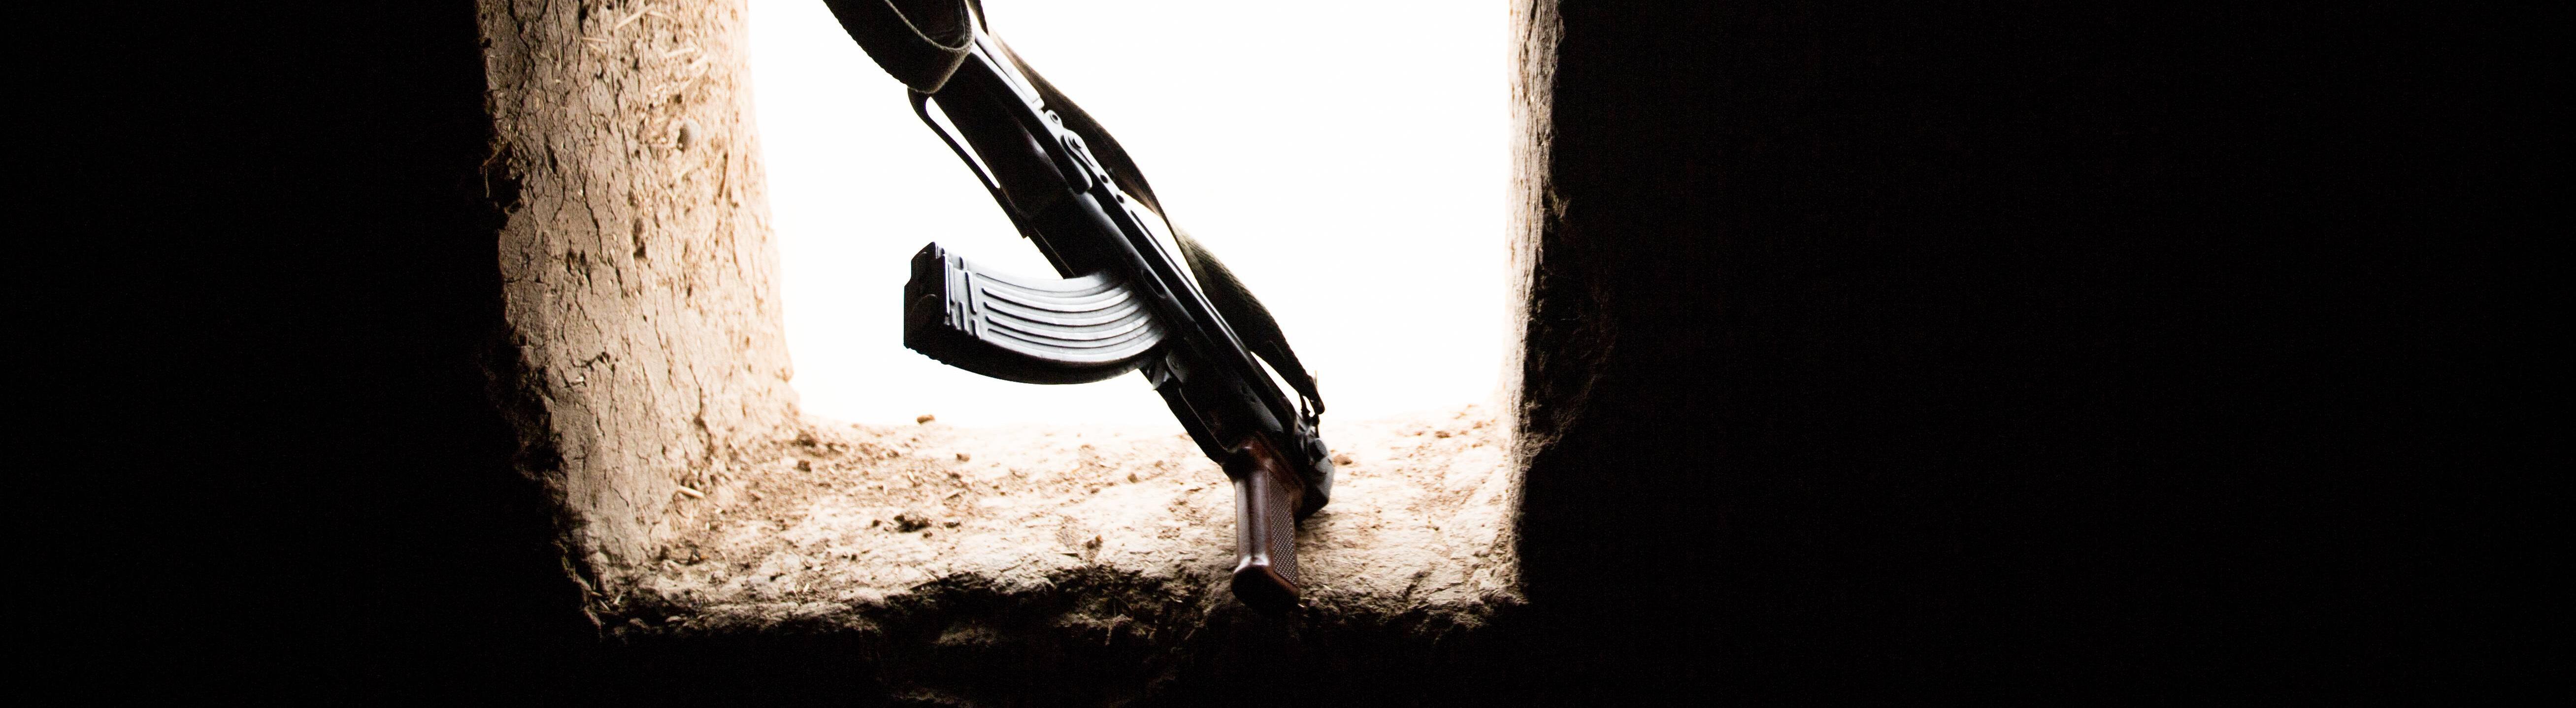 Kalaschnikow lehnt an Öffnung einer Wand